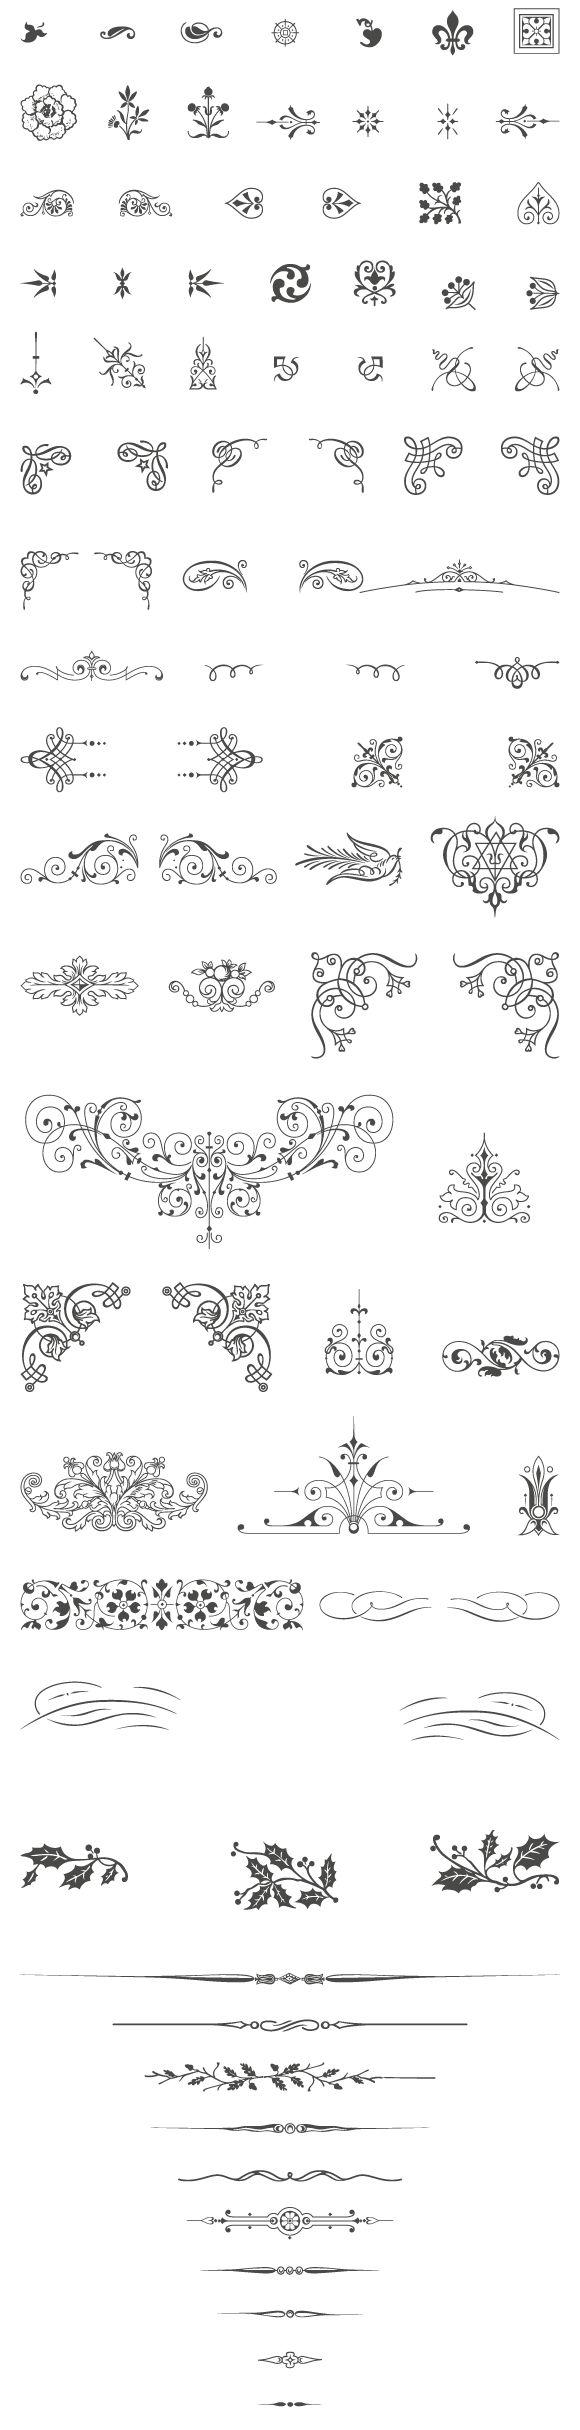 298 best Crafty Materials images on Pinterest | Bricolage, Tutorials ...